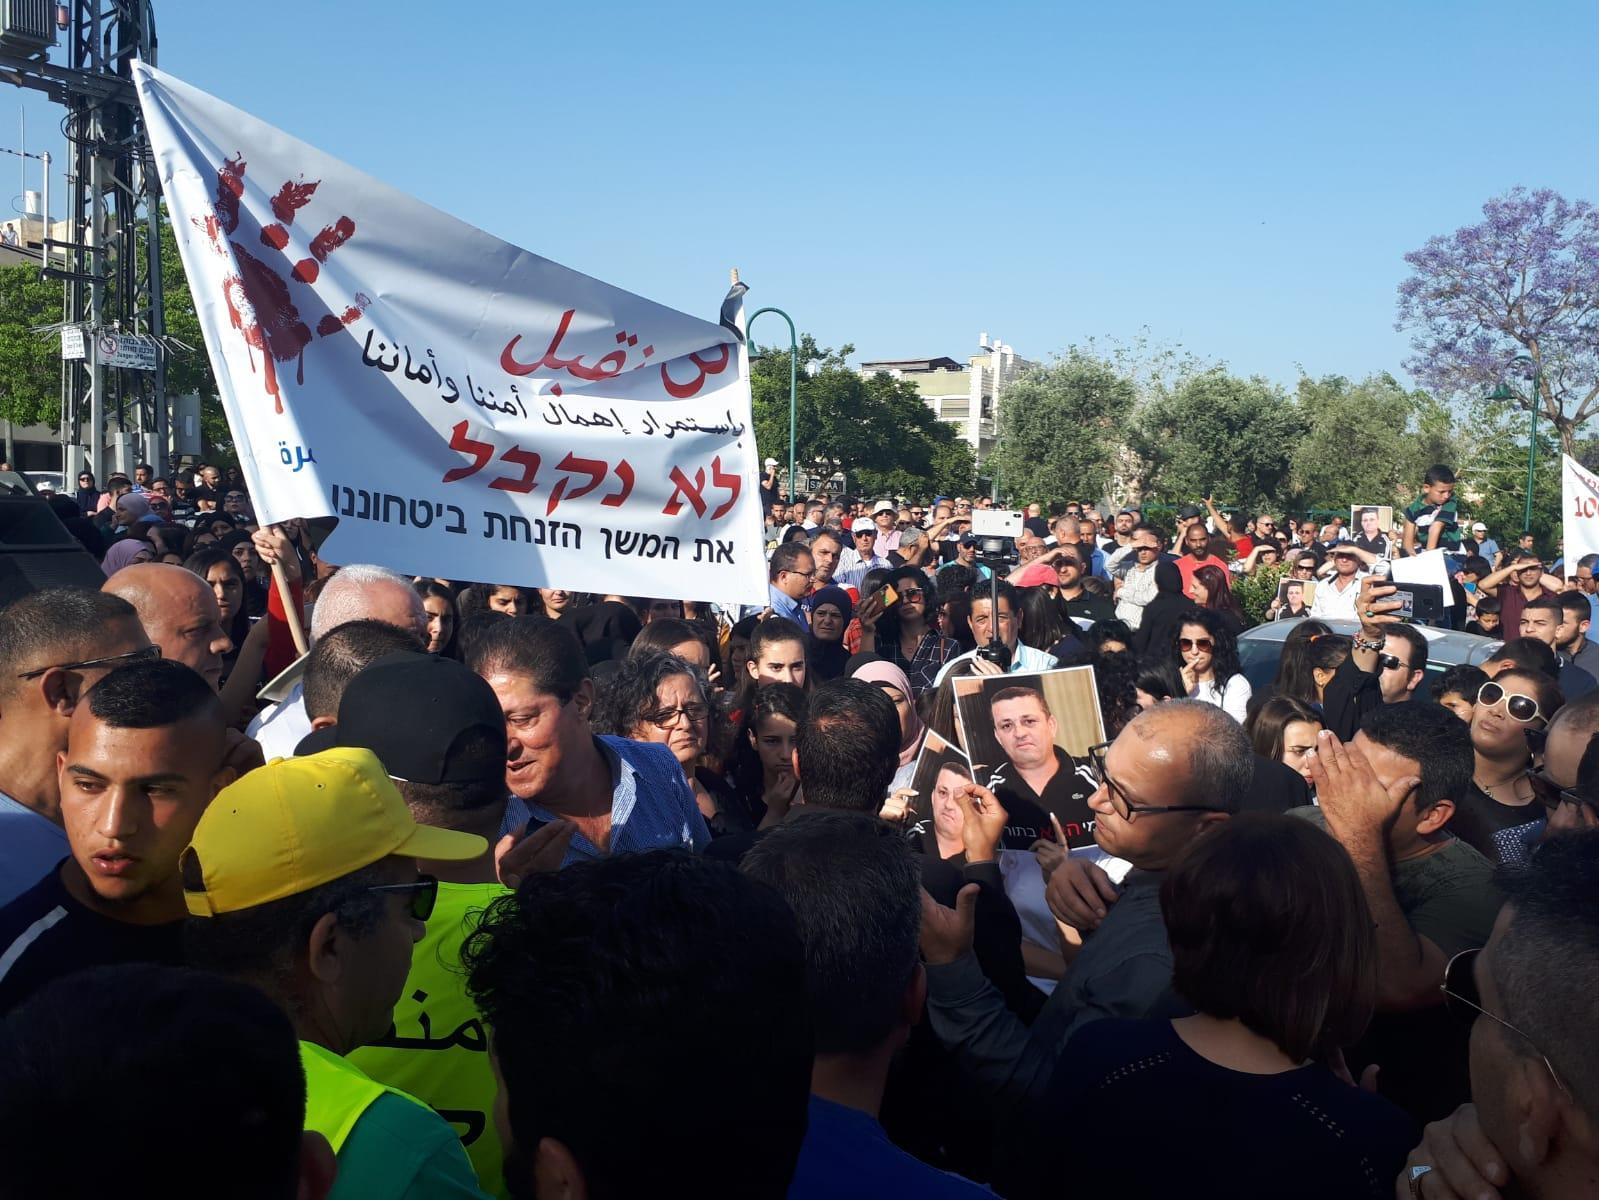 شفاعمرو: تظاهرة احتجاجية قبالة مركز الشرطة ضد العنف والجريمة